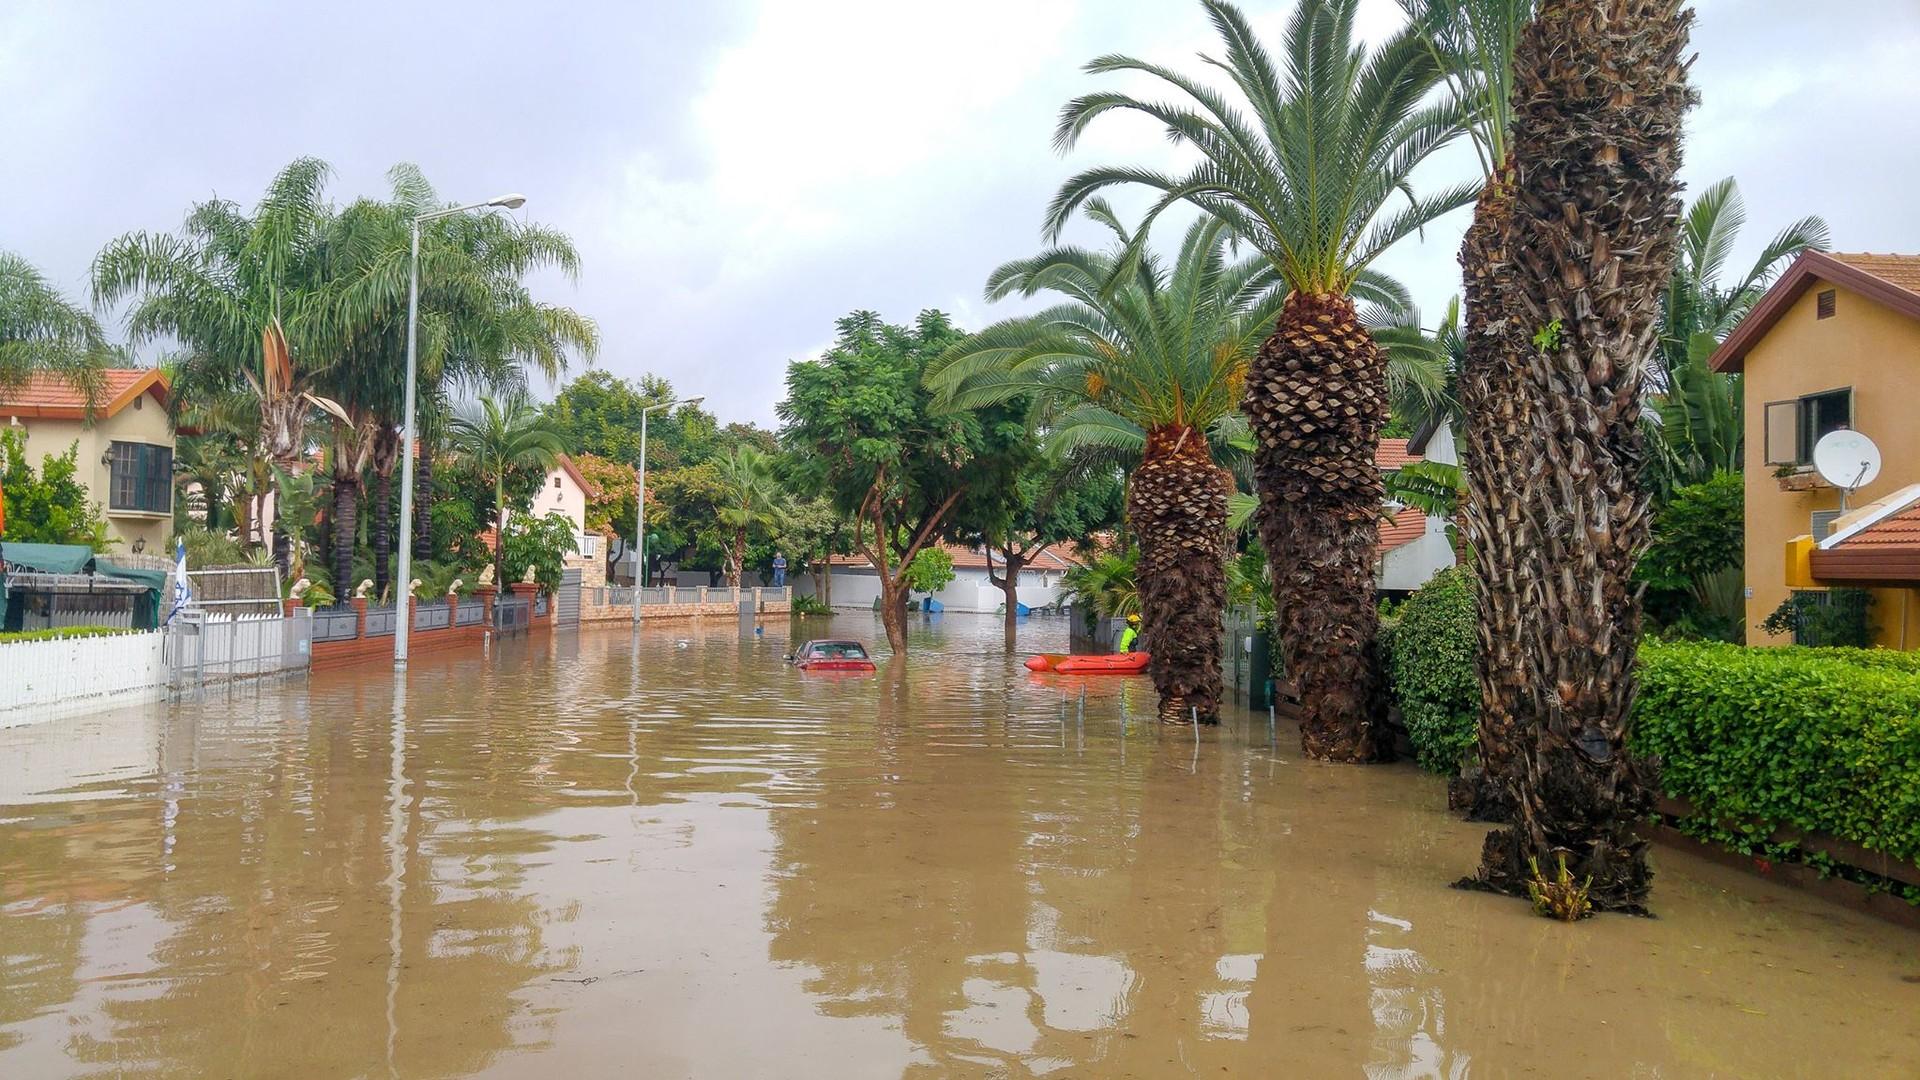 Сильные наводнения обрушились на Израиль после одного из самых дождливых дней в истории страны  - фото 7